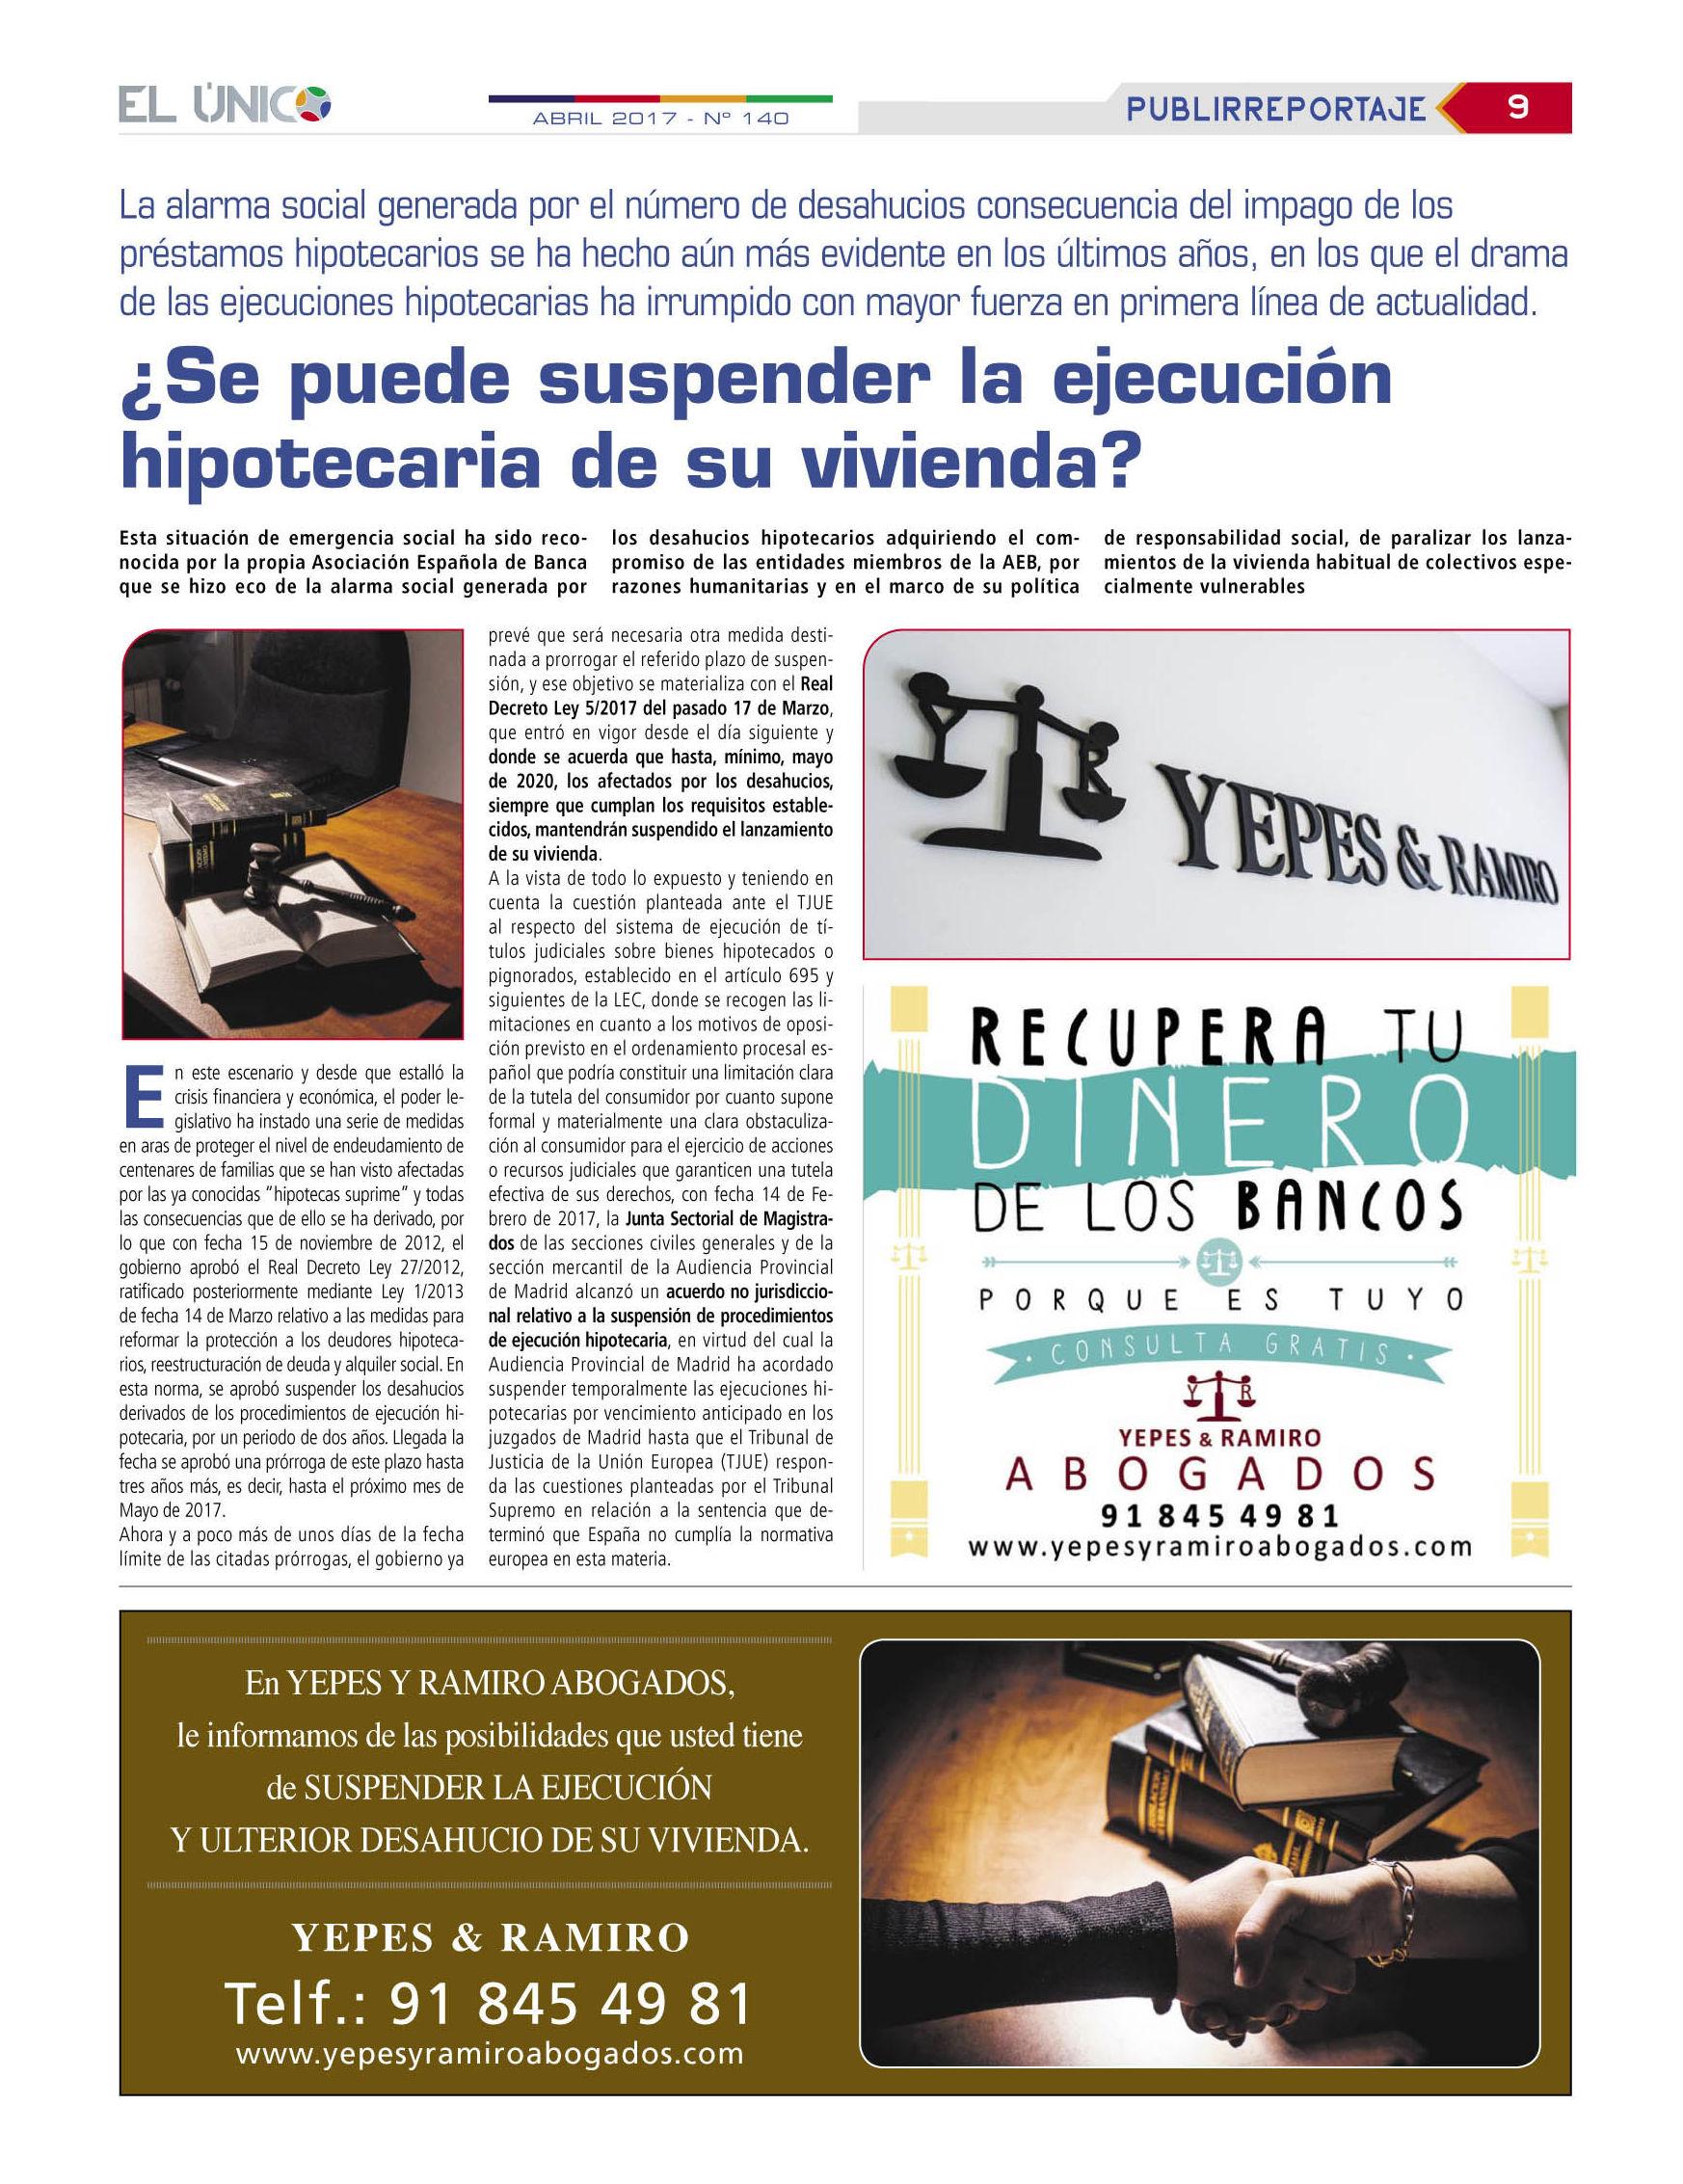 Foto 1 de Abogados en Colmenar Viejo | Yepes y Ramiro Abogados, S.L.